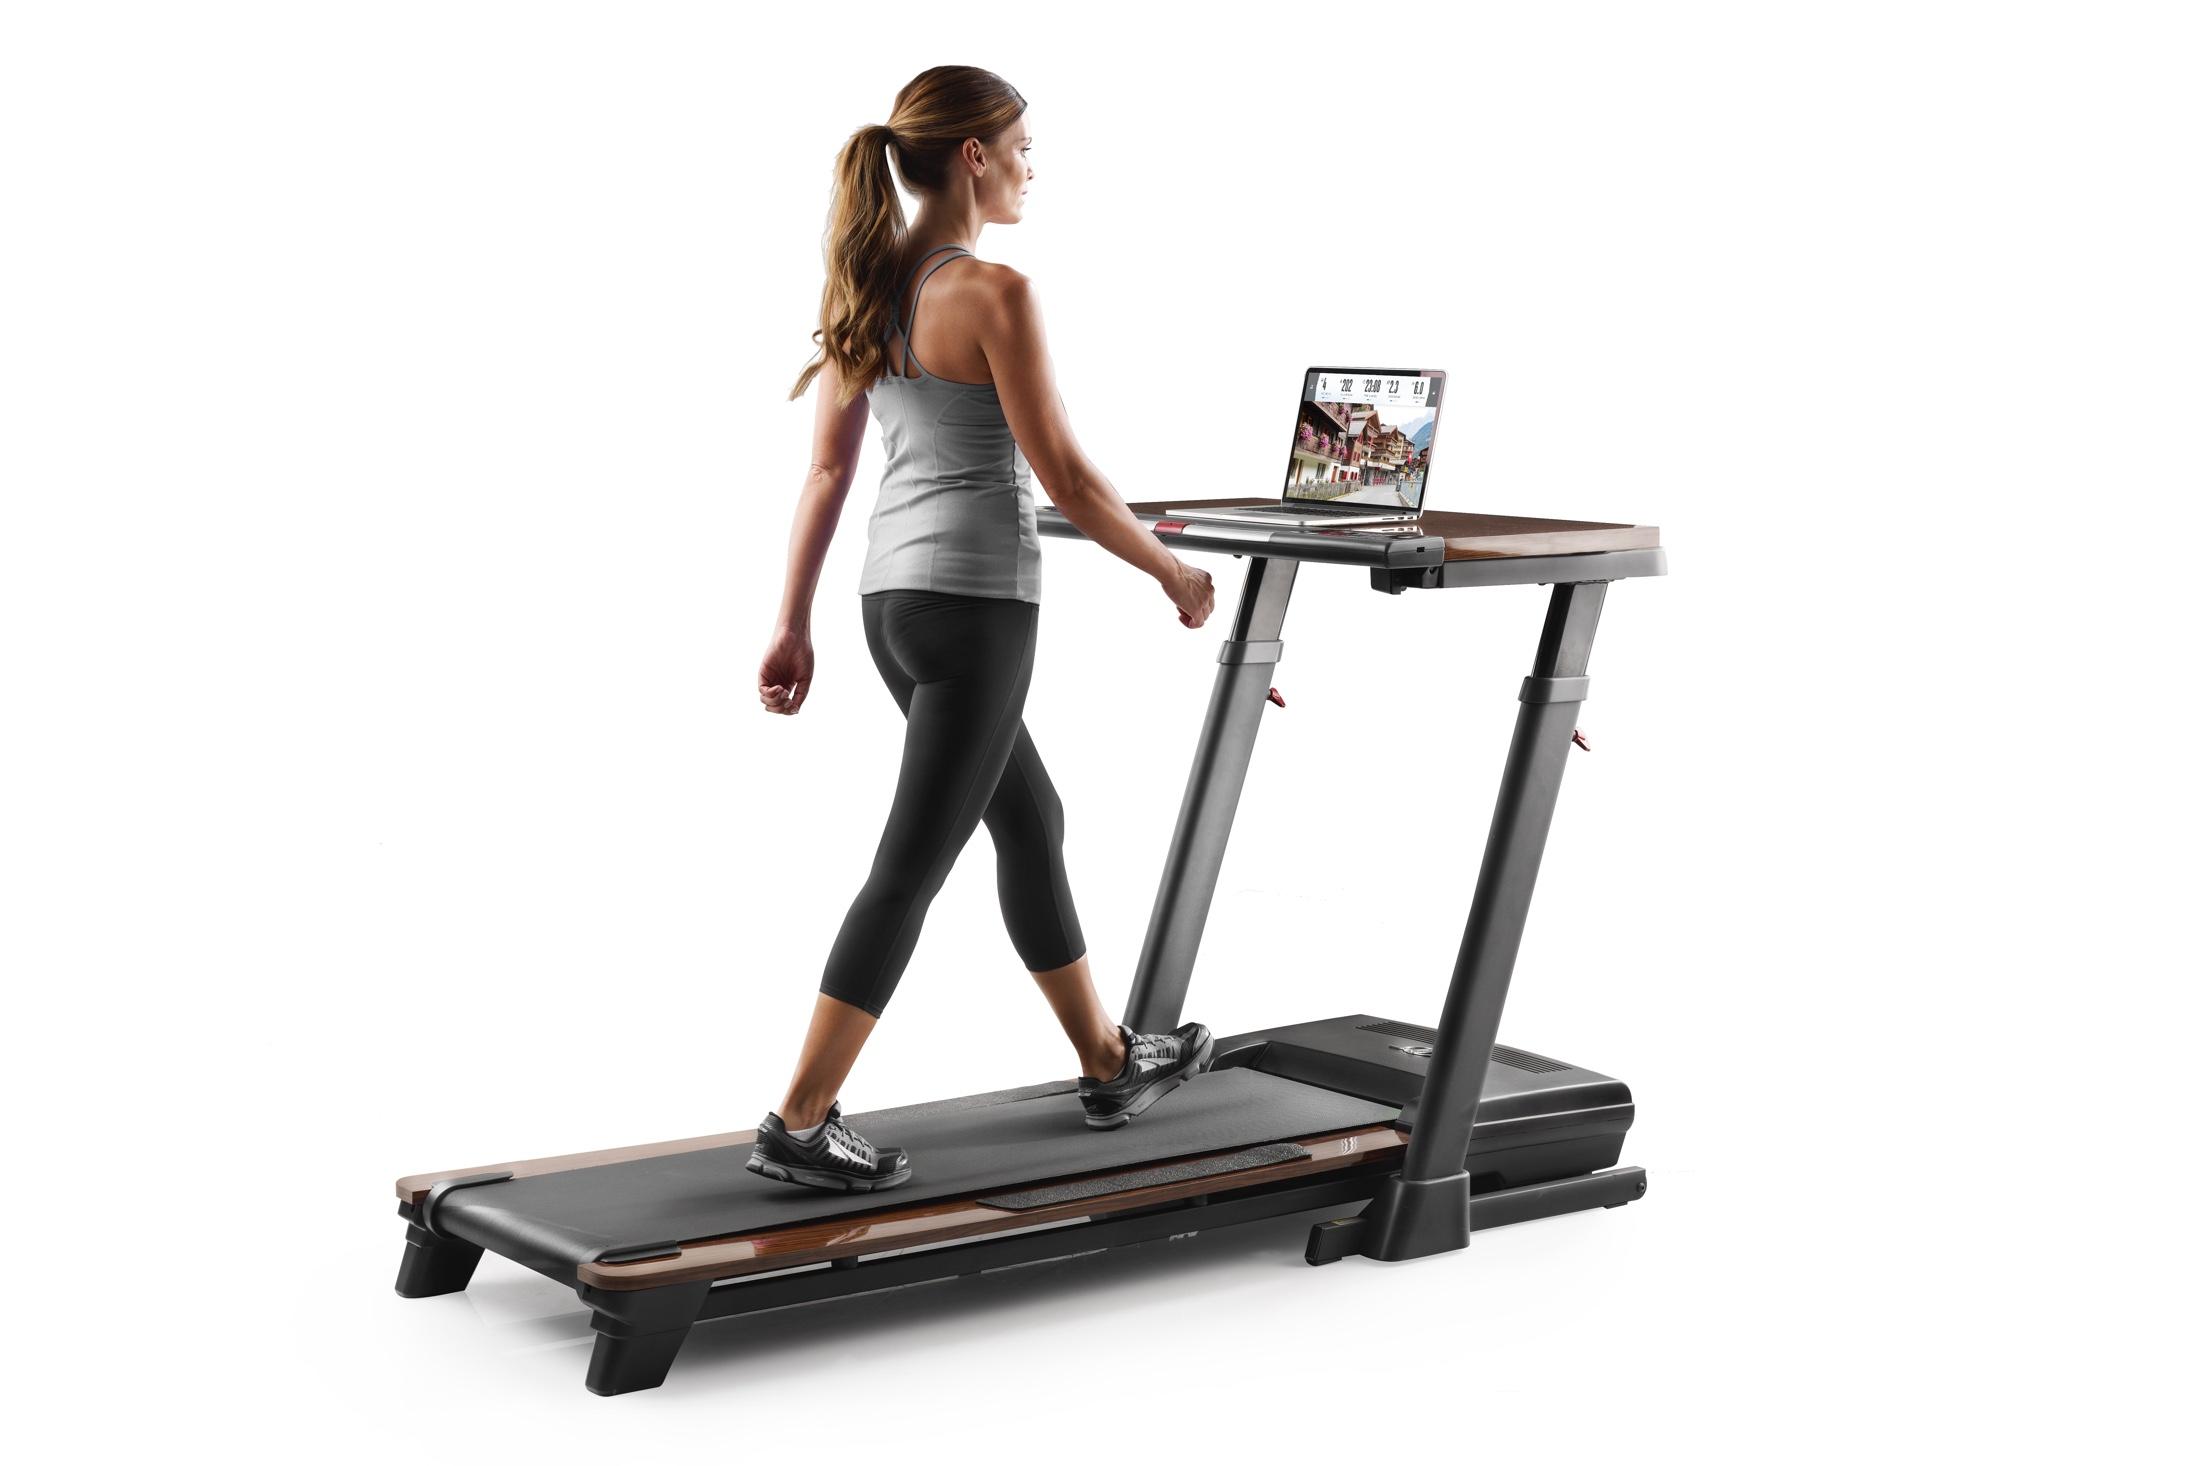 NordicTrack Treadmill Desk gallery image 4